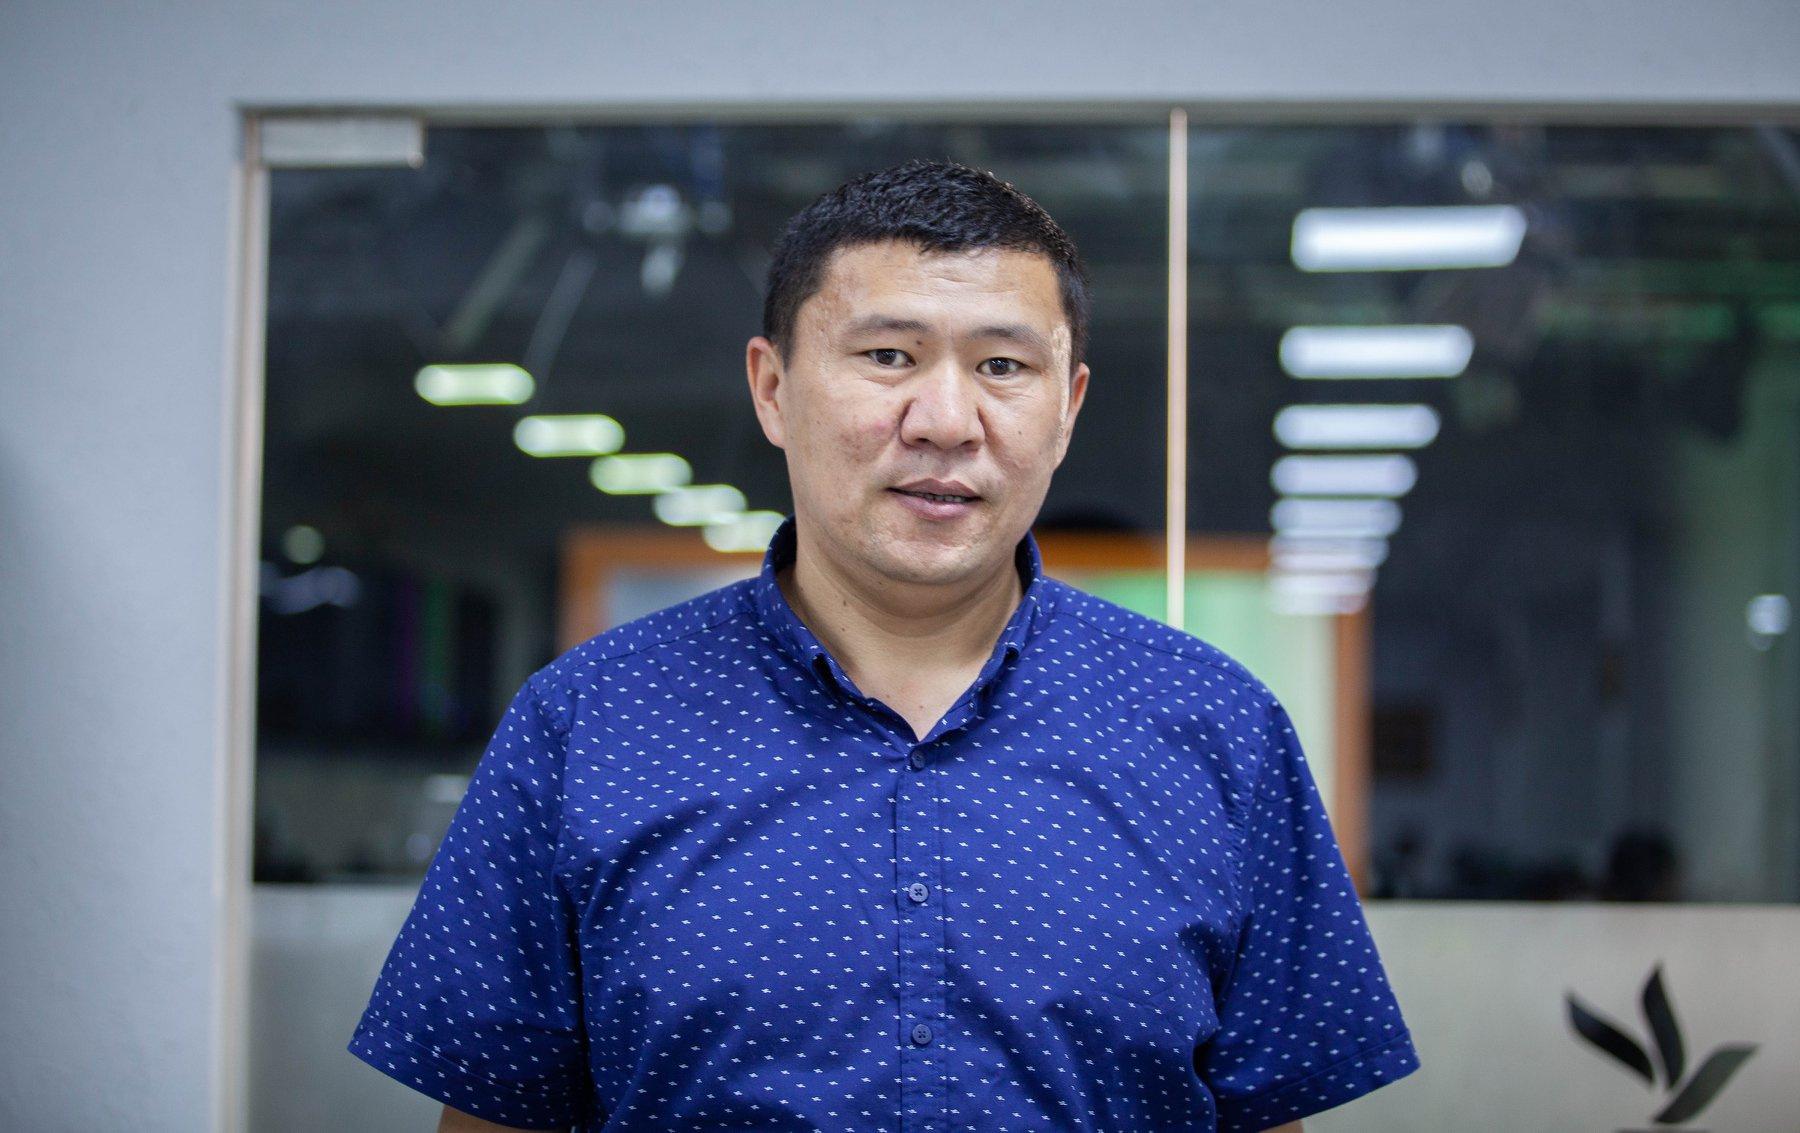 Журналиста Ыдырыса Исакова грозят принудительно доставить на допрос в ГКНБ